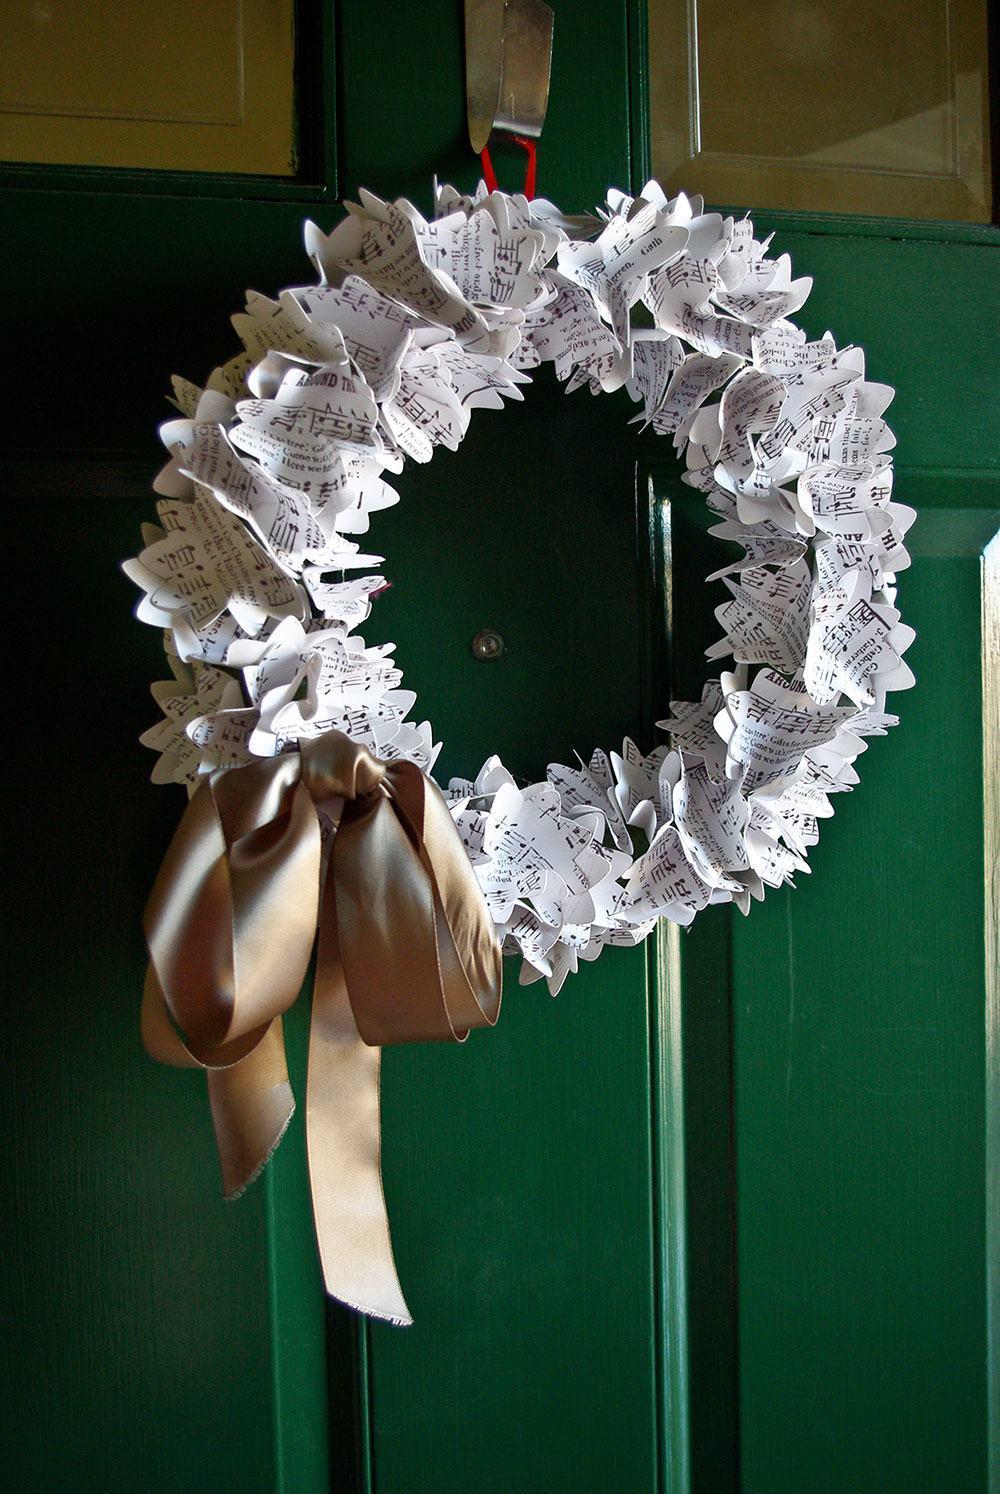 Guirlanda de Natal feita com pedaços de partituras e laço dourado